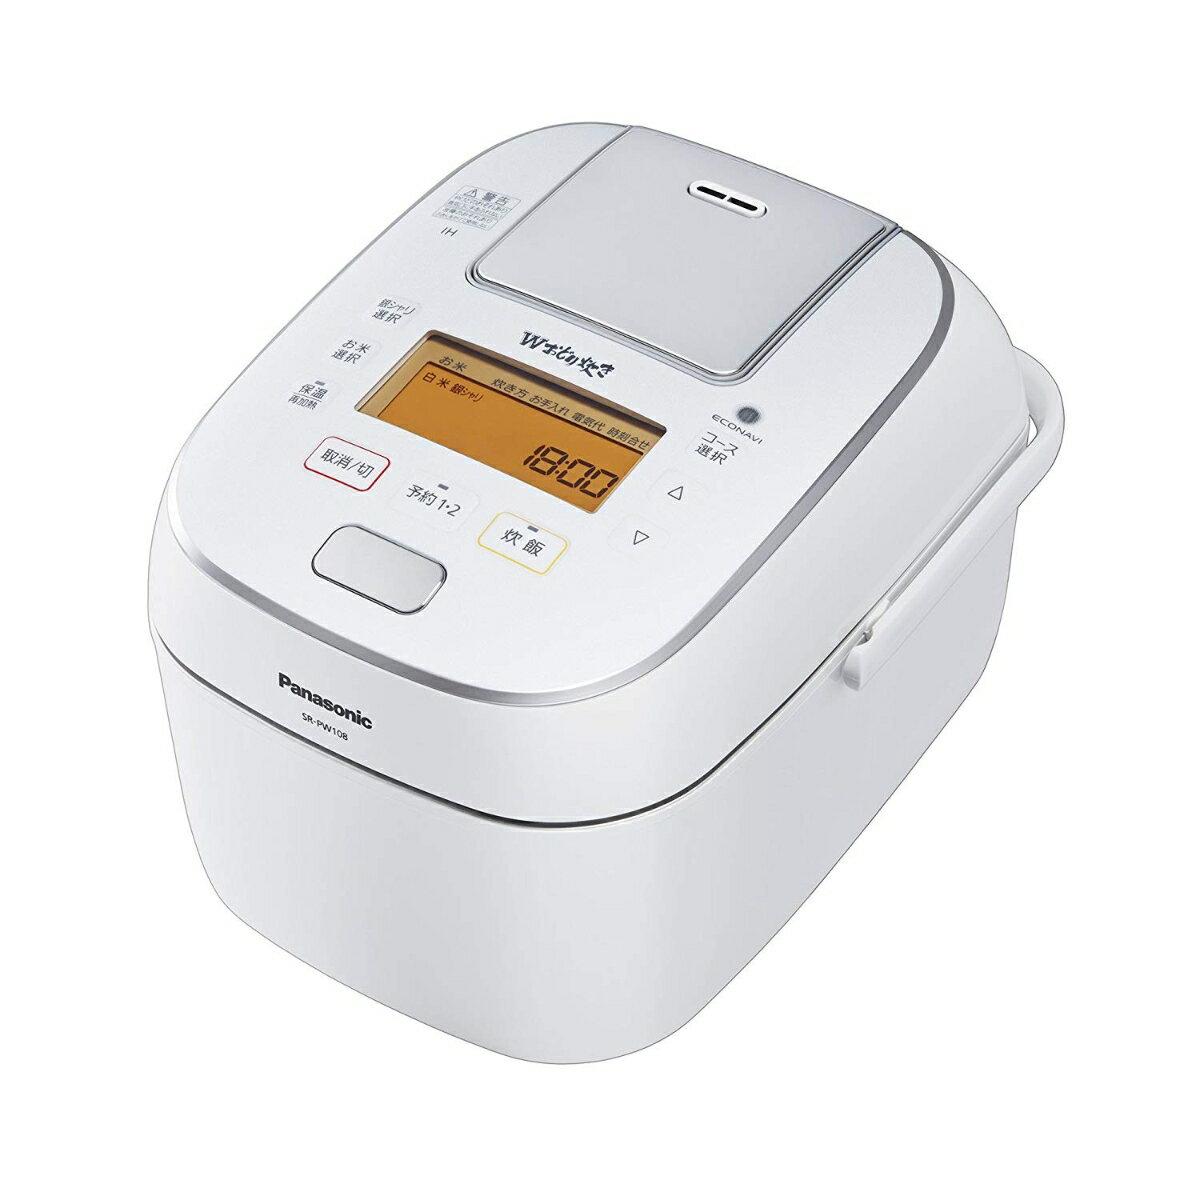 Panasonic 可変圧力IHジャー炊飯器 1.0L (ホワイト) SR-PW108-W